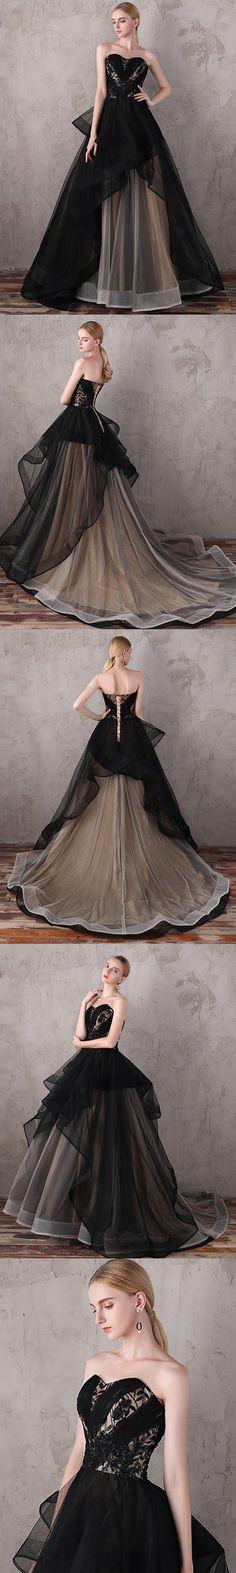 Noble Abendkleider Cocktailkleid Ballkleider Party Lang Pailletten Kleider 32-44